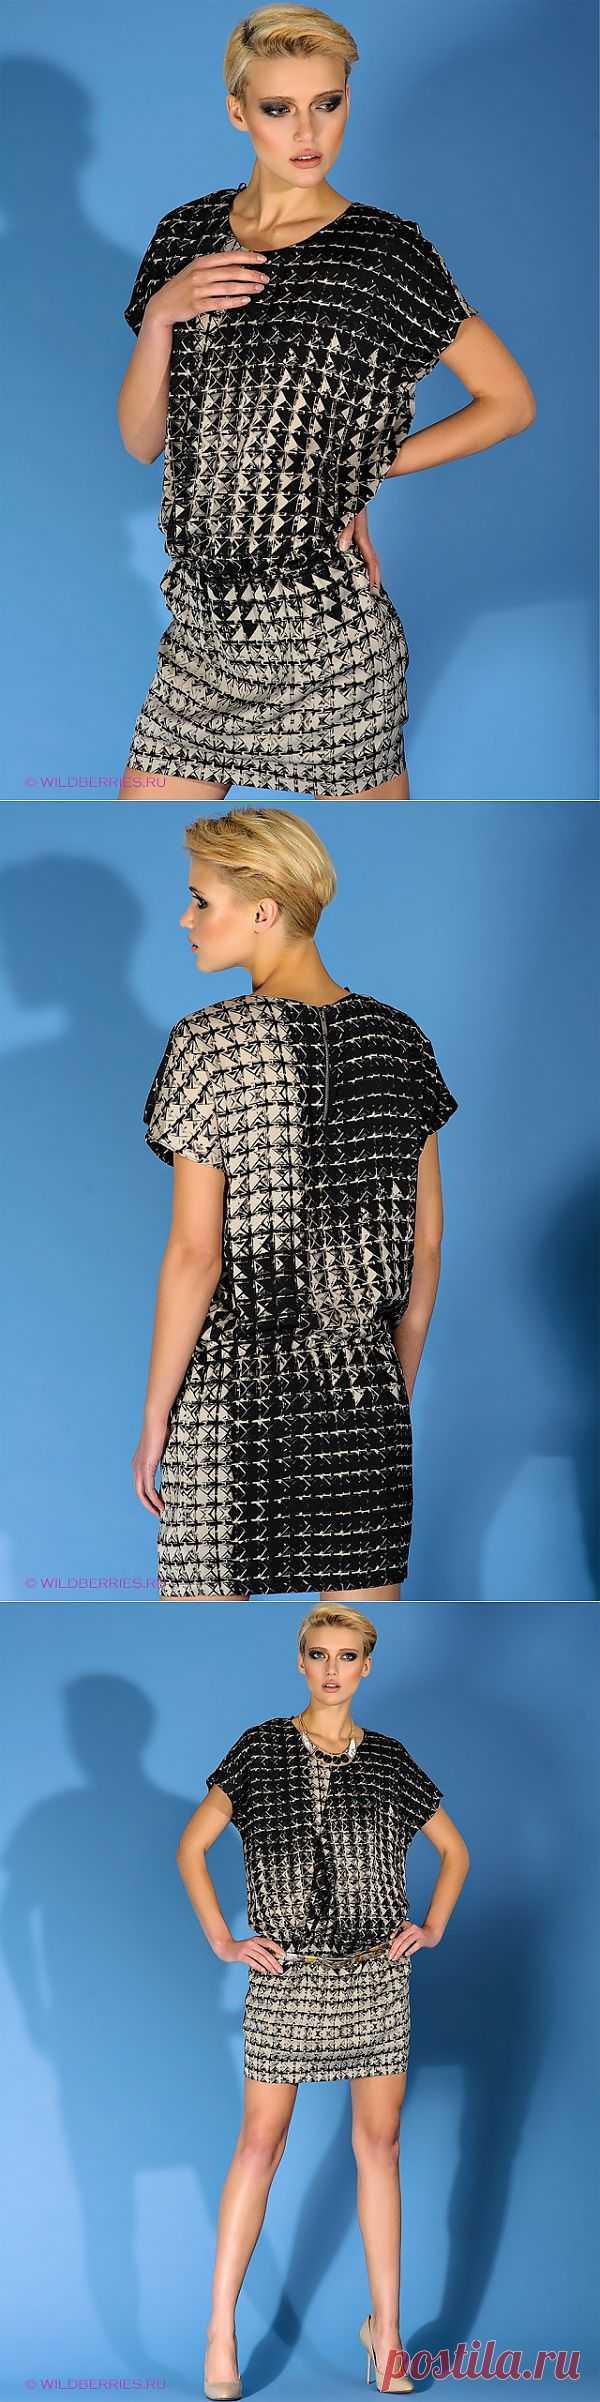 Железно! / Вещь / Модный сайт о стильной переделке одежды и интерьера